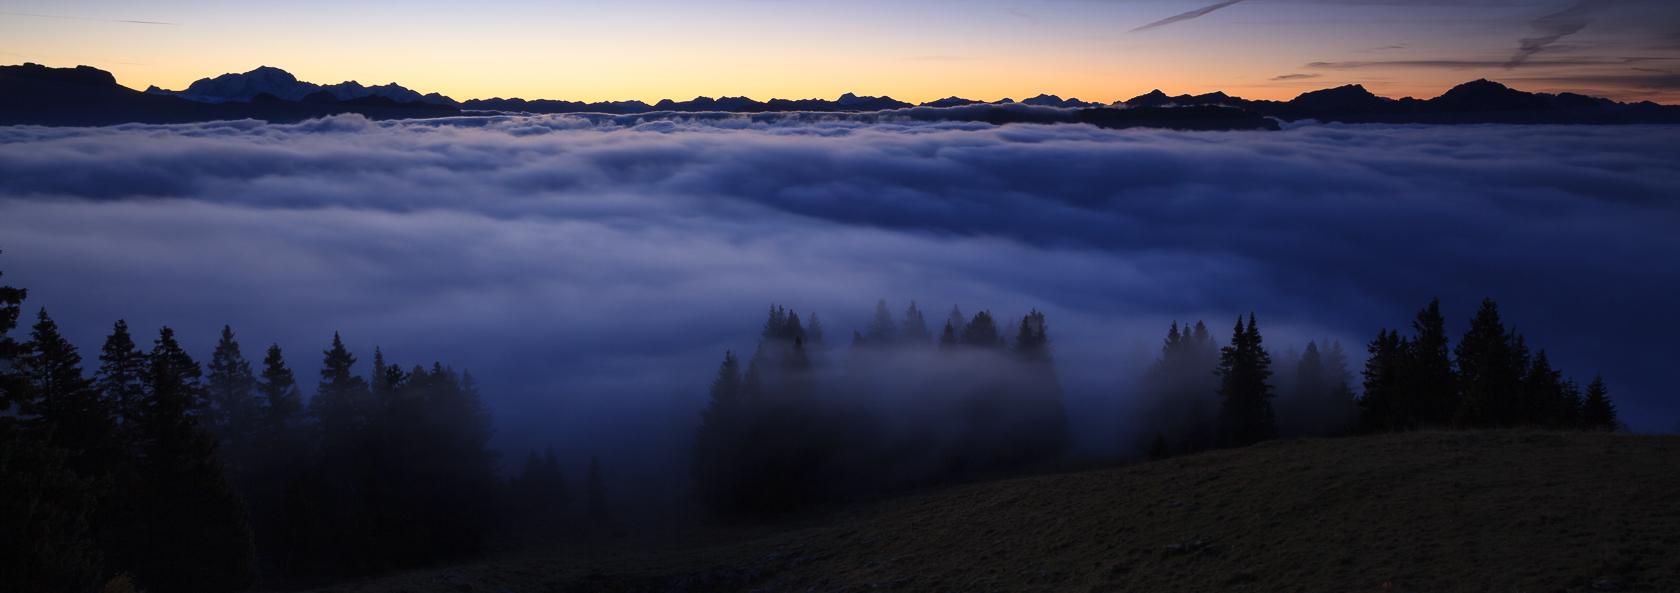 les Alpes à l'aube depuis le Semnoz, massif des Bauges